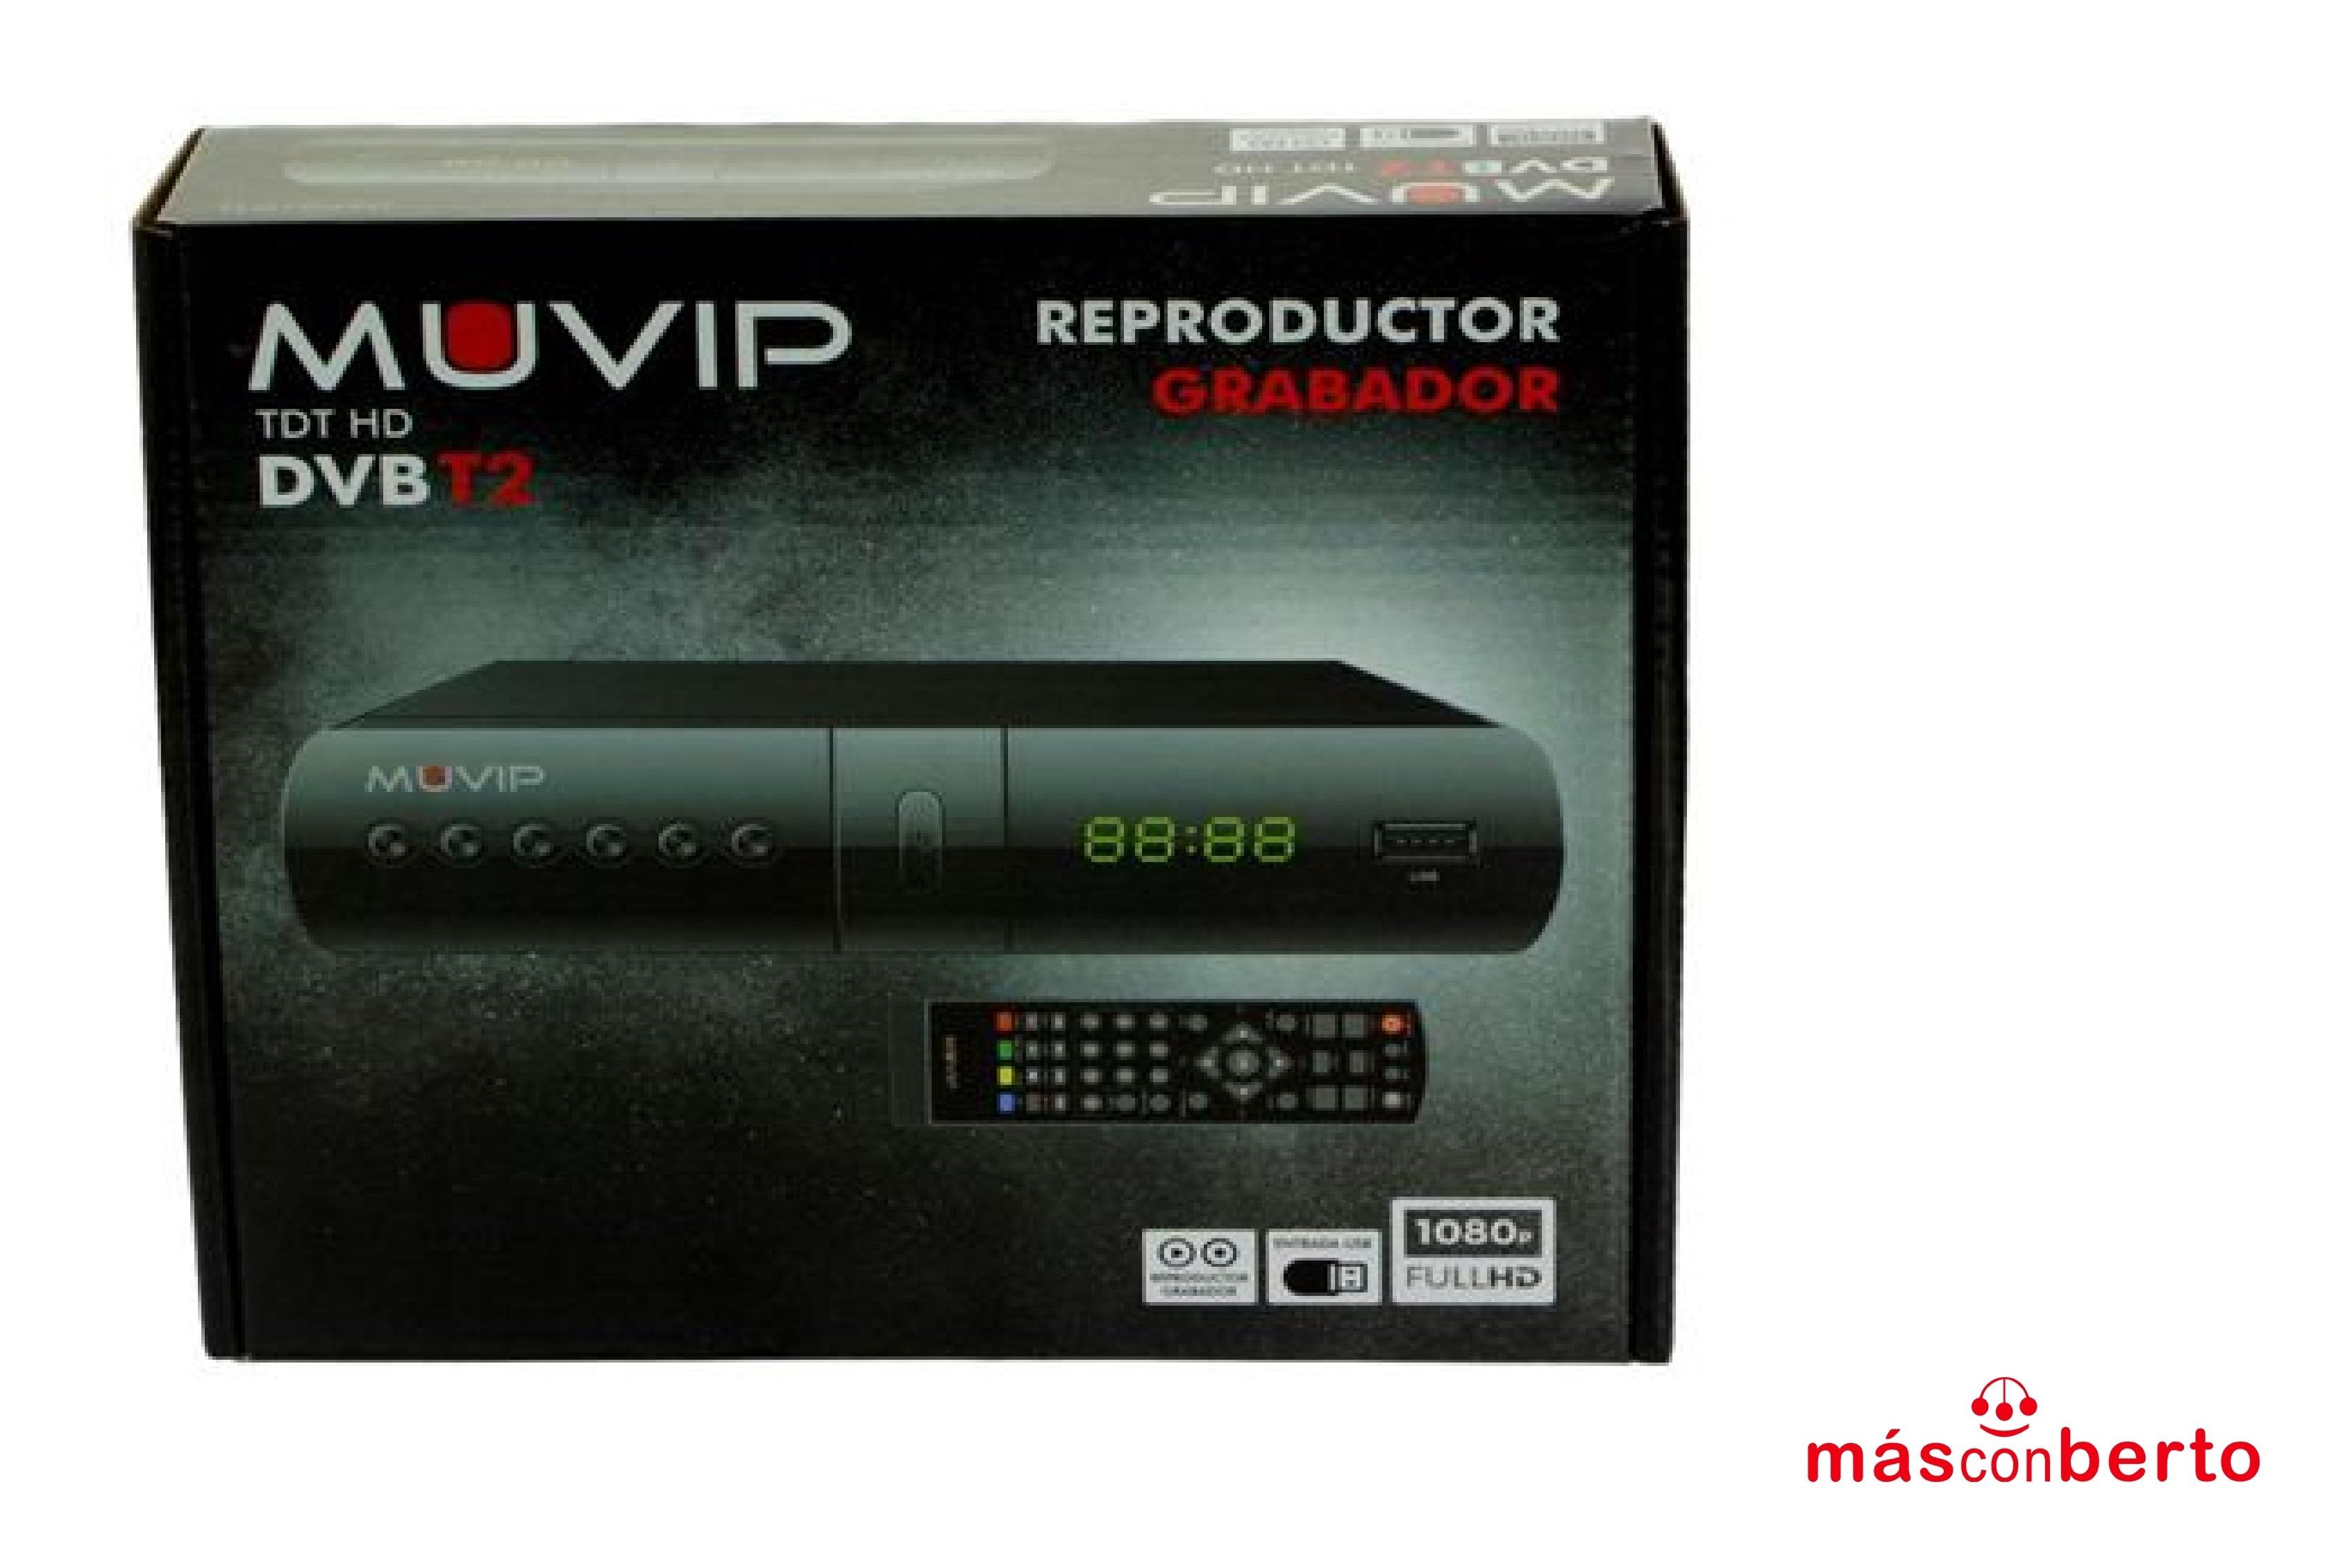 TDT HD Reproductor grabador...